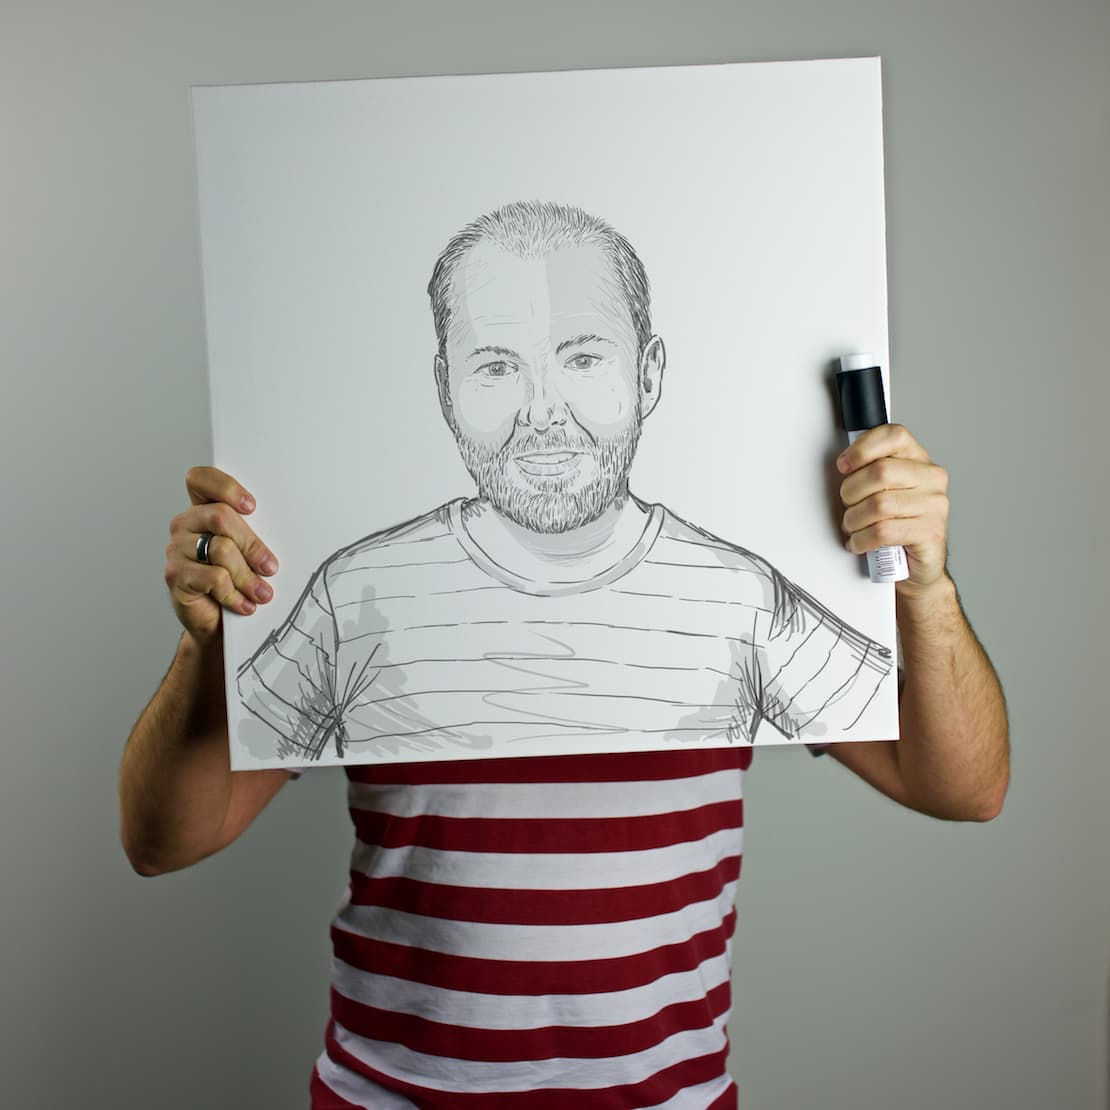 Søren Juhl portrait